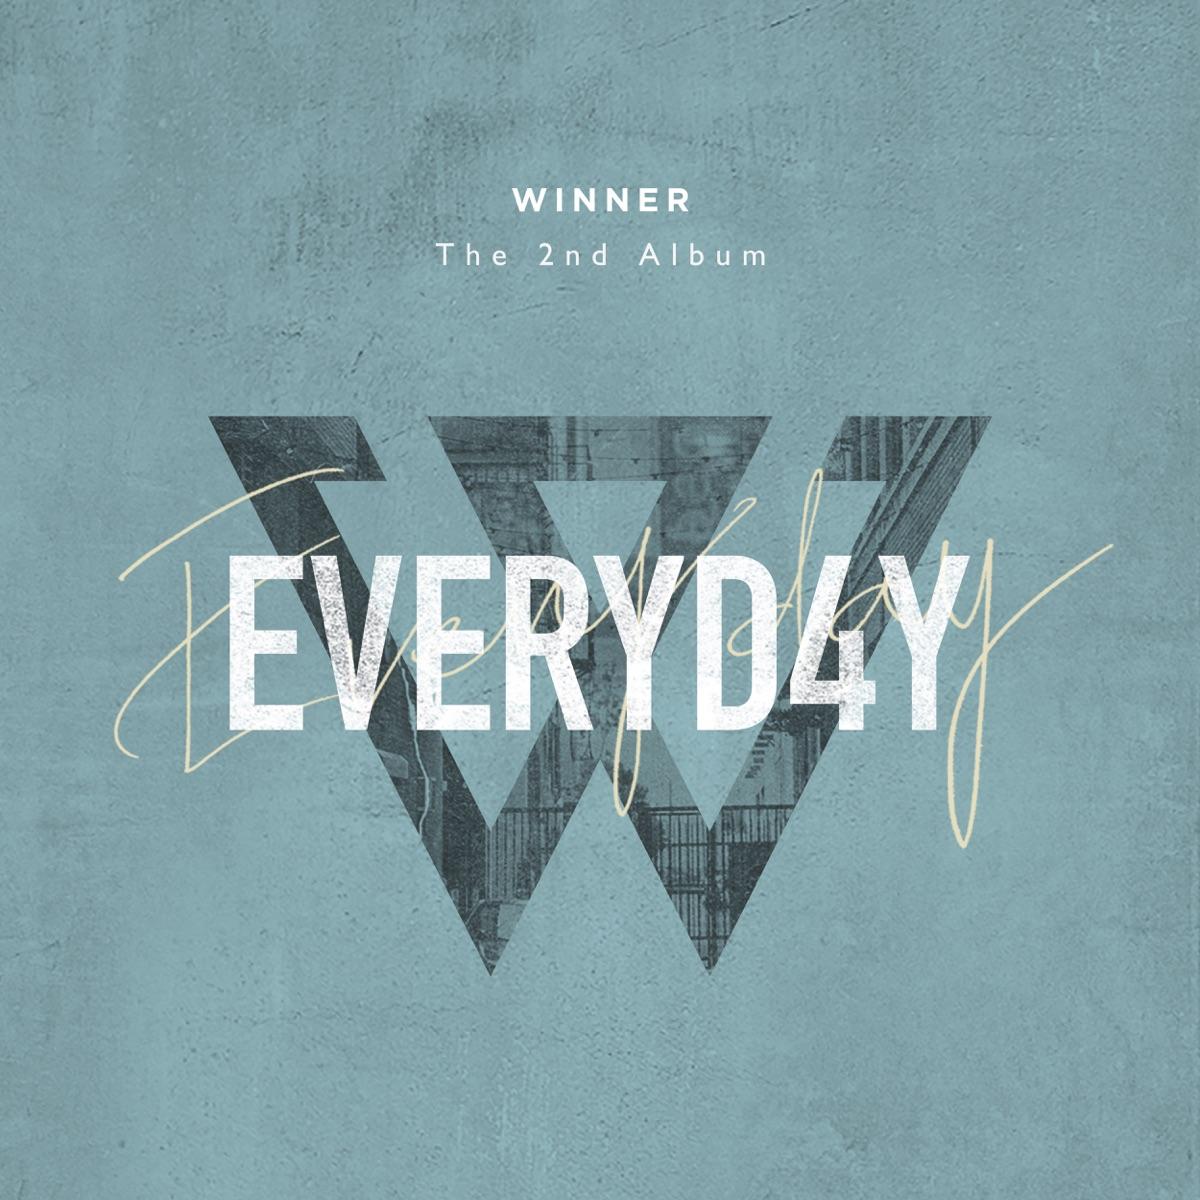 EVERYD4Y WINNER CD cover